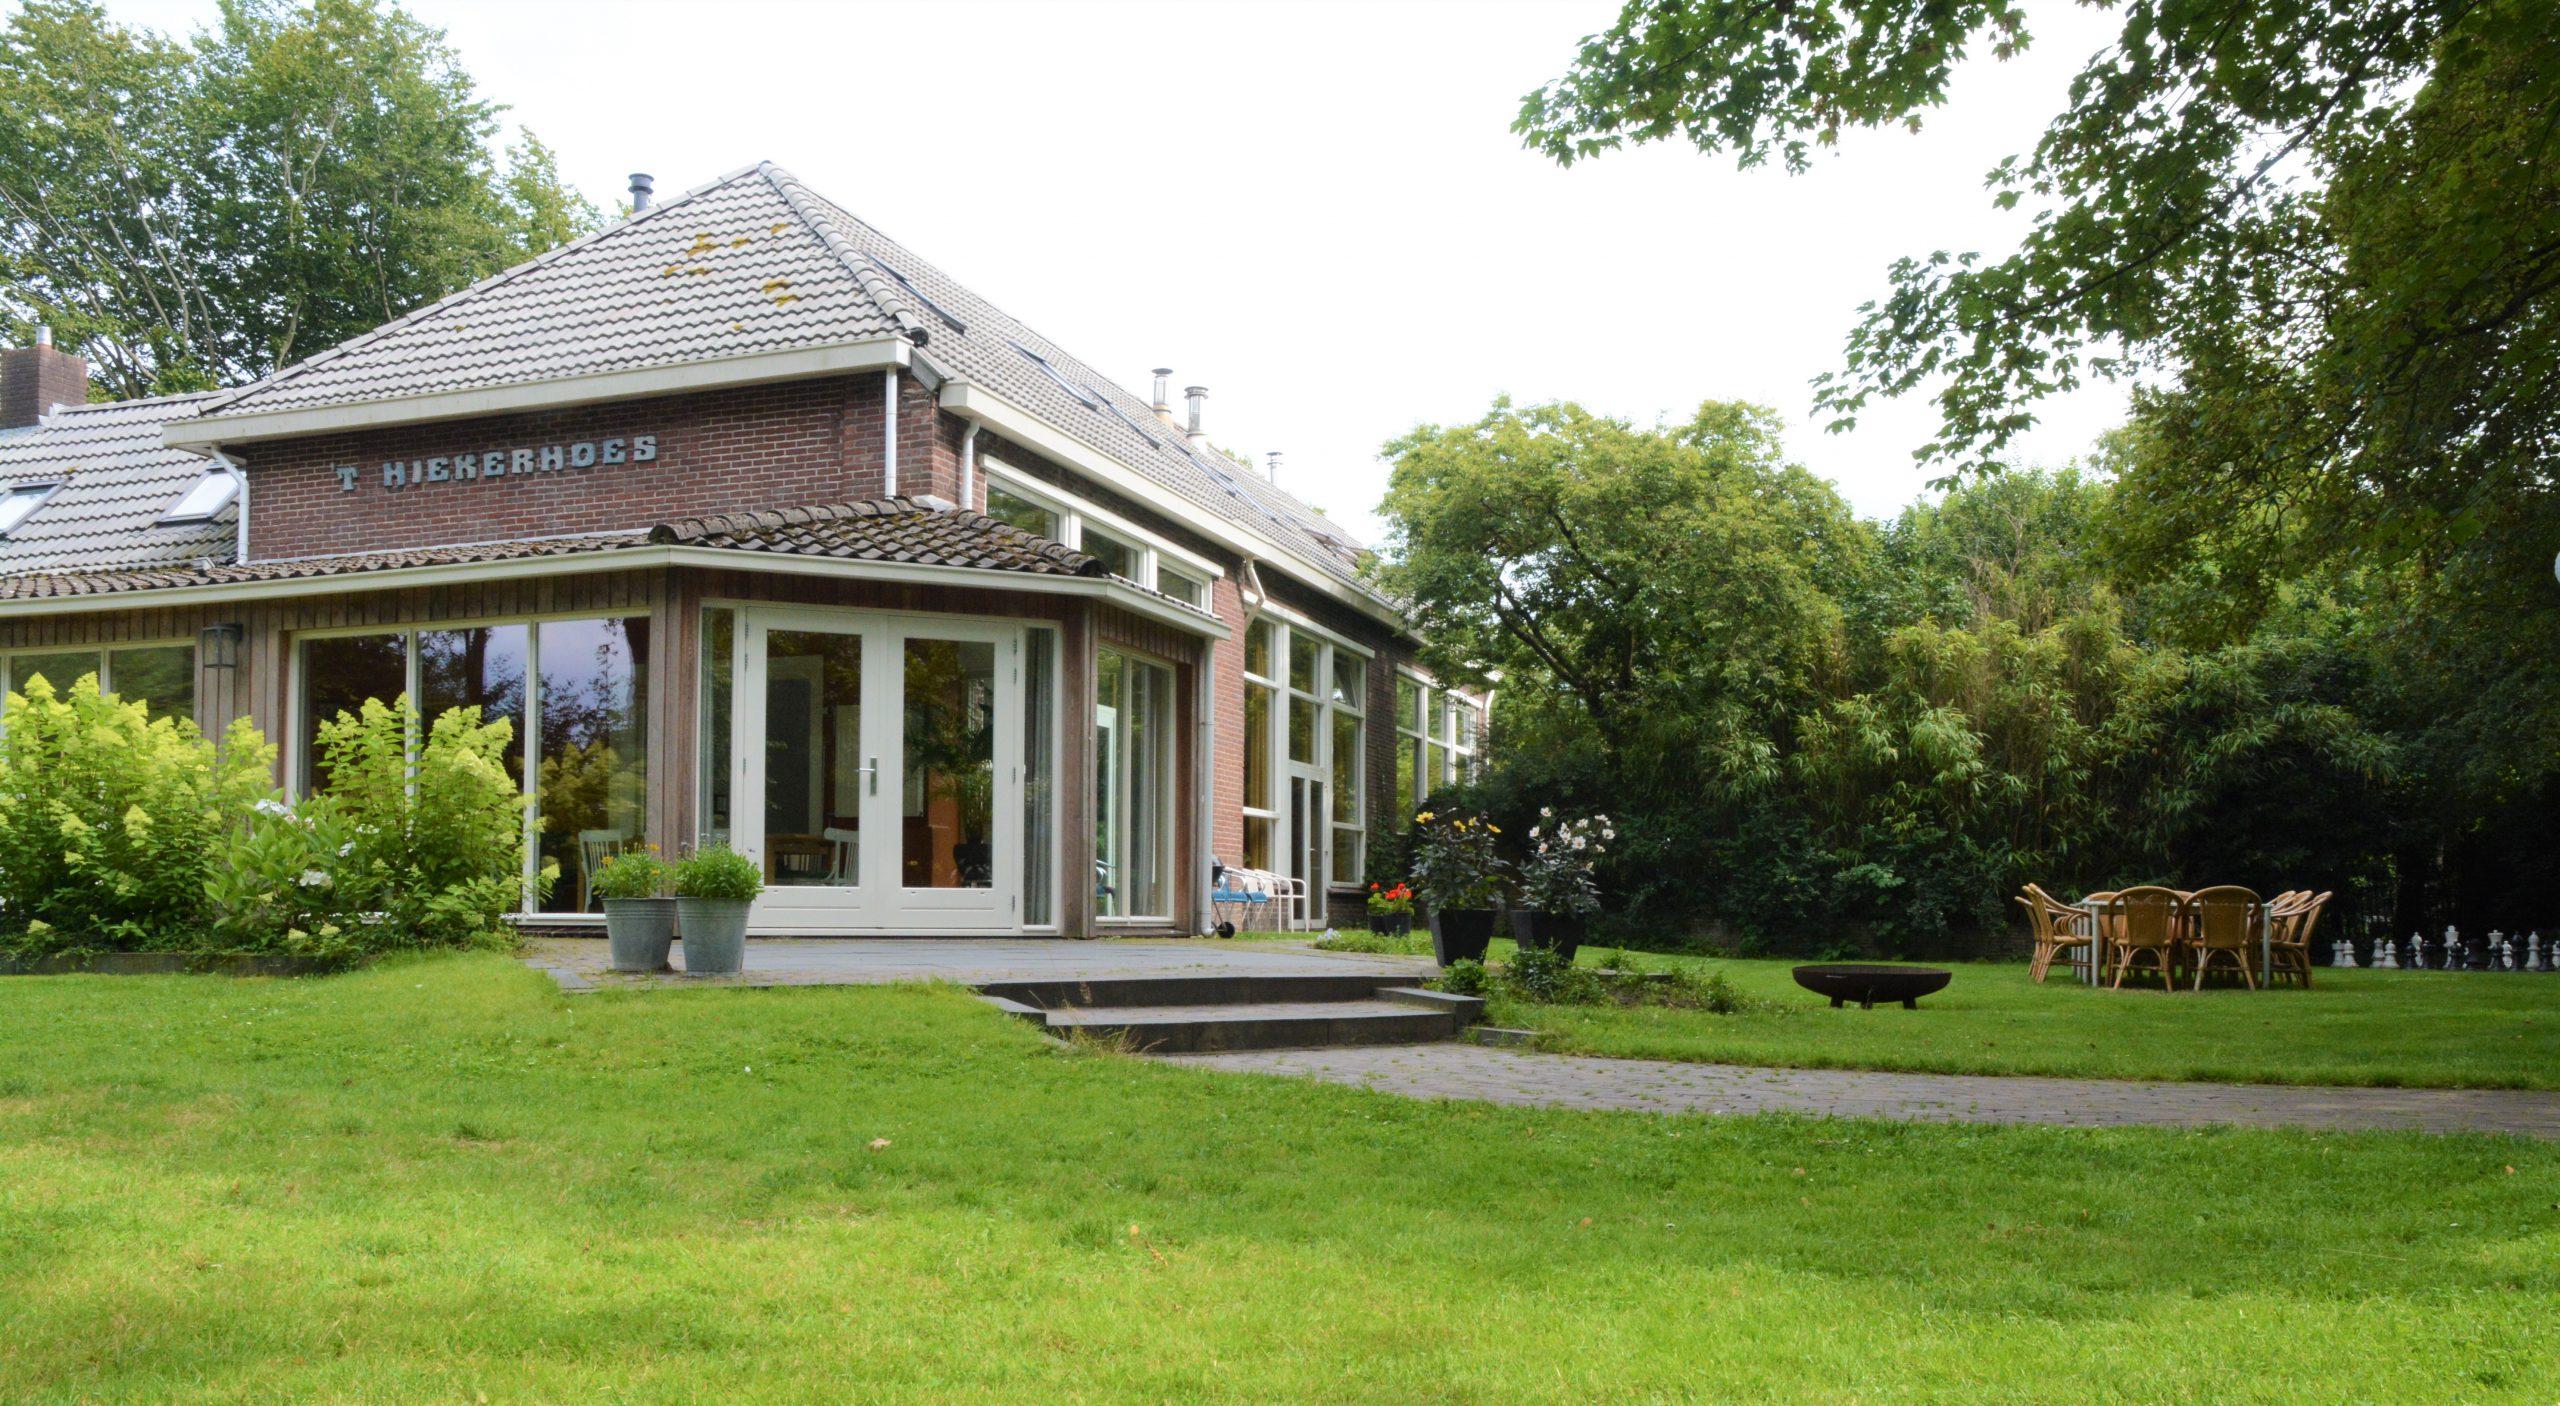 hiekerhoes 1 scaled - Het Drents Kwartiertje - Solex Huren / Rijden - Dafje Huren / Rijden - Groepsactiviteiten, workshops, teambuilding en trainingen Drenthe